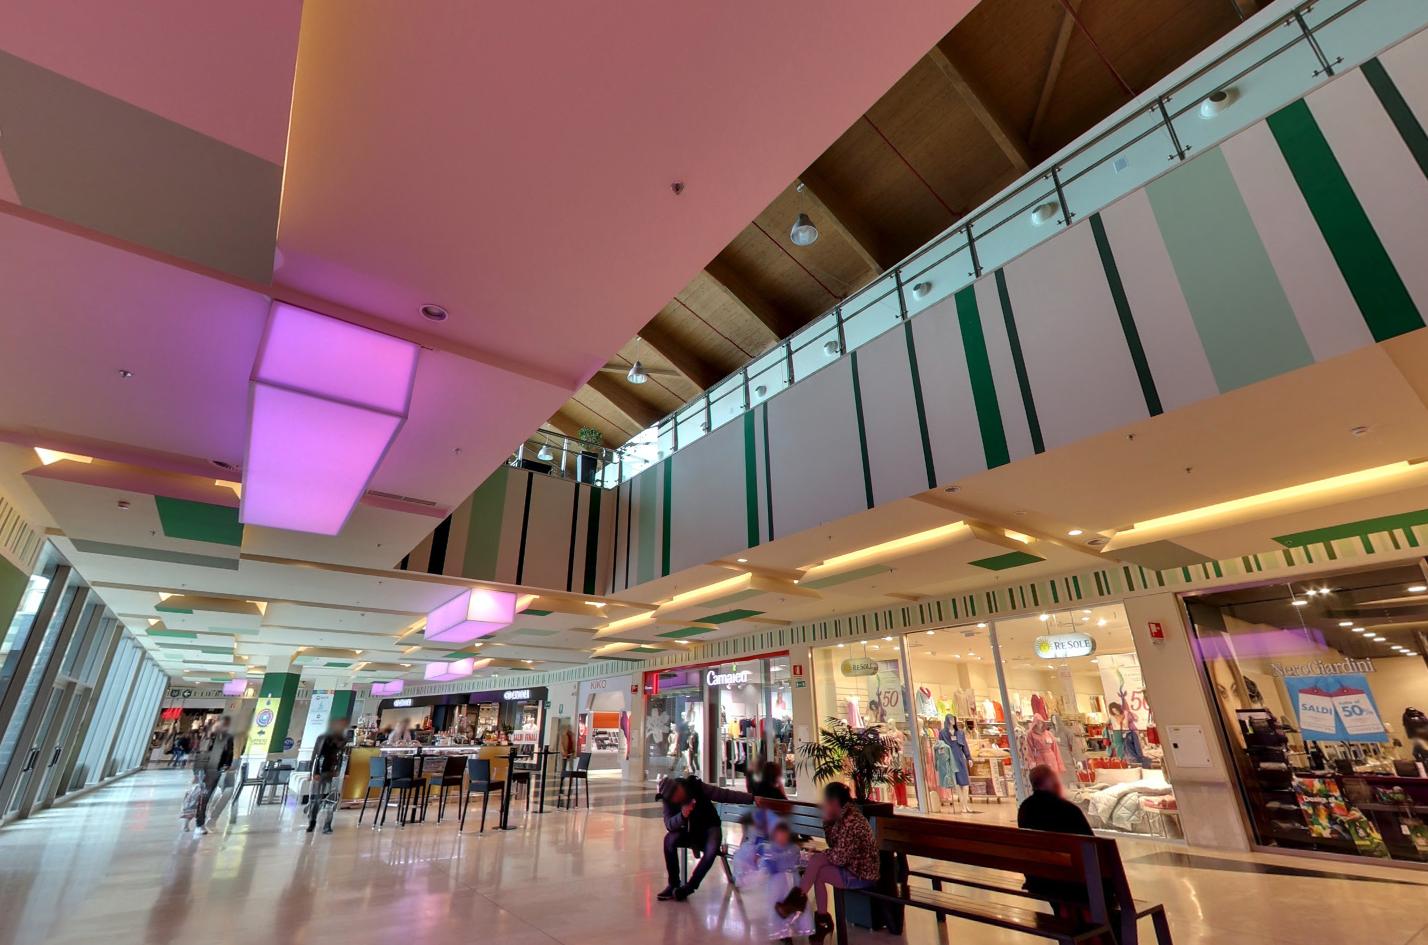 Auchan porte di catania immobiliareuropea for Negozi di arredamento catania